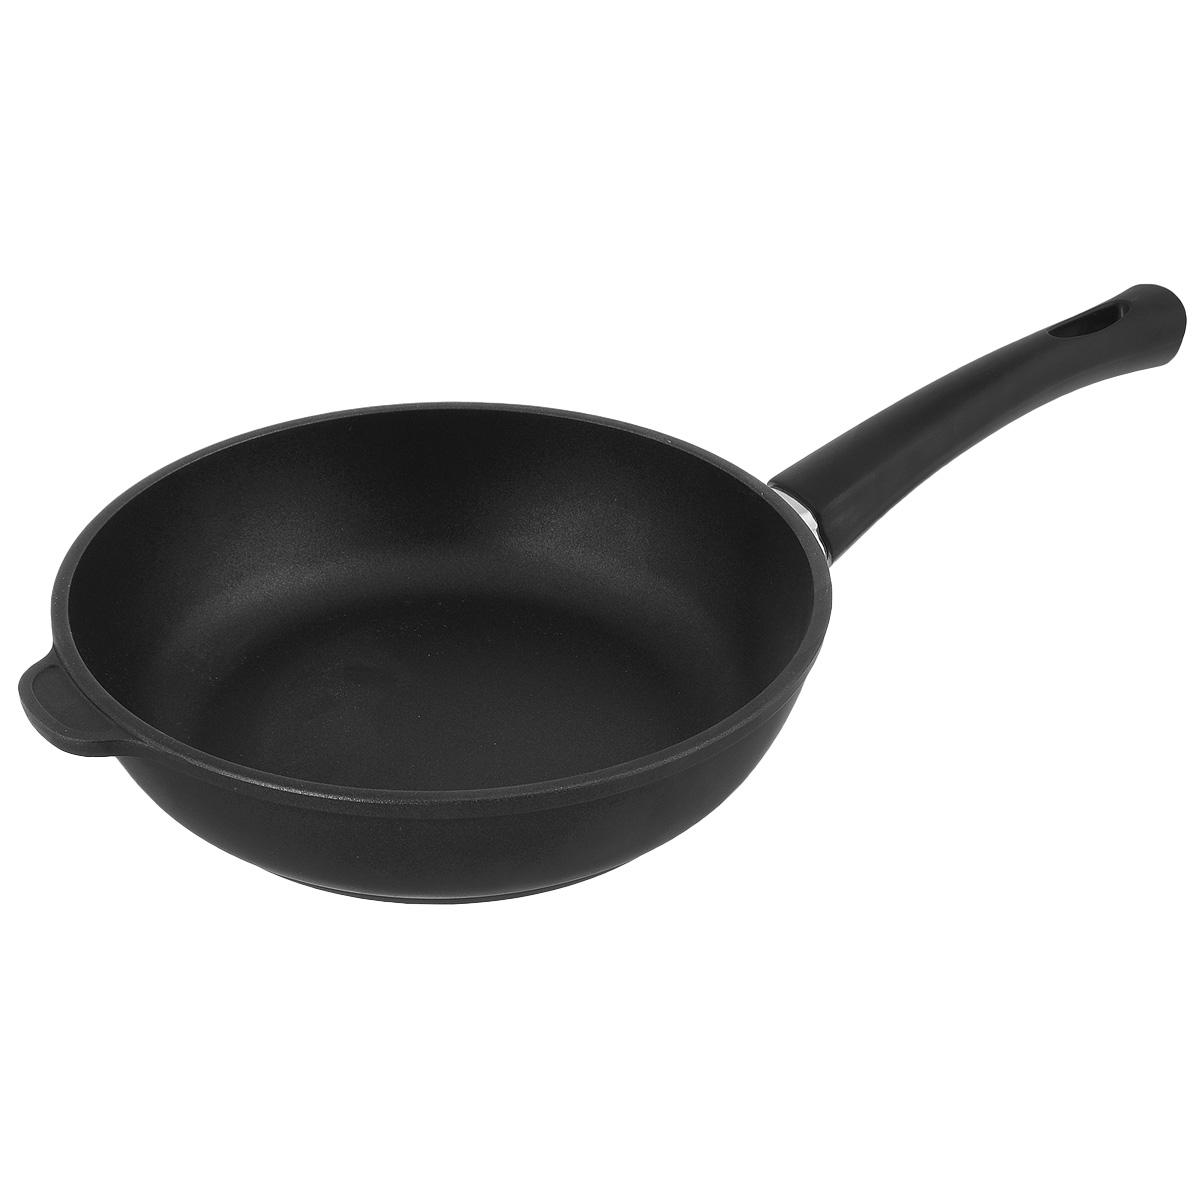 Сковорода Нева Металл Посуда Комфортная, с антипригарным покрытием, цвет: черный. Диаметр 24 см7224кЛитая сковорода НМП Комфортная сделана по принципу золотого сечения, с толстыми стенками и еще более толстым дном из специального сплава алюминия с кремнием. Это обеспечивает исключительные термоаккумулирующие свойства посуды. Она равномерно прогревается и долго удерживает тепло, создавая эффект томления. Благодаря качественному антипригарному покрытию, вы можете готовить с минимальным количеством масла. Толстое дно специально проточено и на доли миллиметров вогнуто. При нагреве оно становится идеально ровным и плотно прилегает к плите, благодаря чему не происходит потеря тепла.Подходит для газовой, электрической и стеклокерамический плитам. Можно мыть в посудомоечной машине. Не содержит PFOA.Диаметр: 24 см.Высота стенки: 5,5 см. Толщина стенки: 4 мм.Толщина дна: 6 мм.Длина ручки: 18 см.